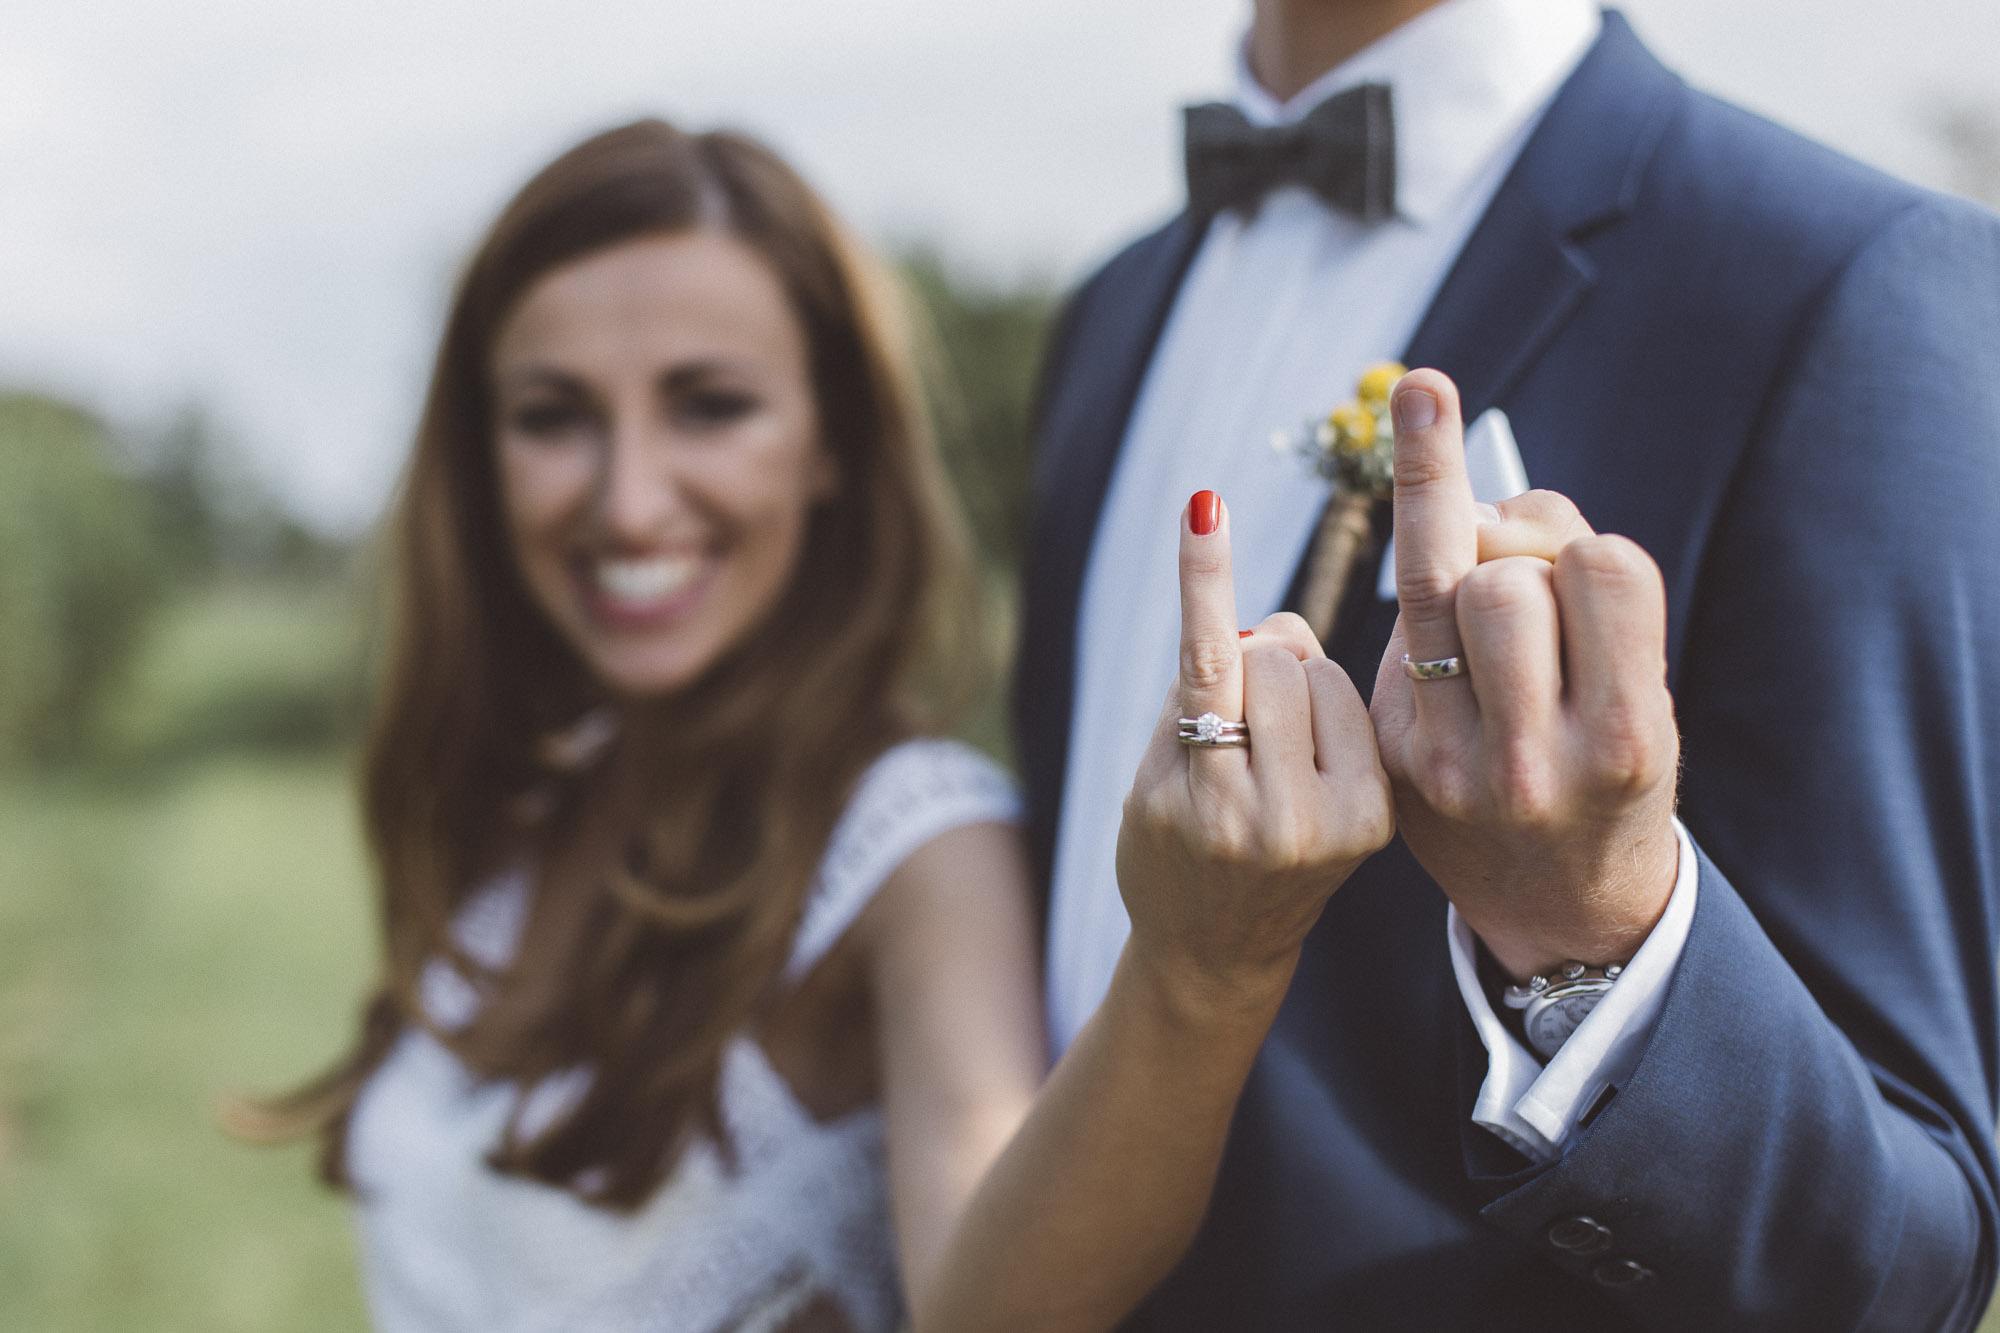 diebahrnausen_Hochzeit_Neimeshof_-404